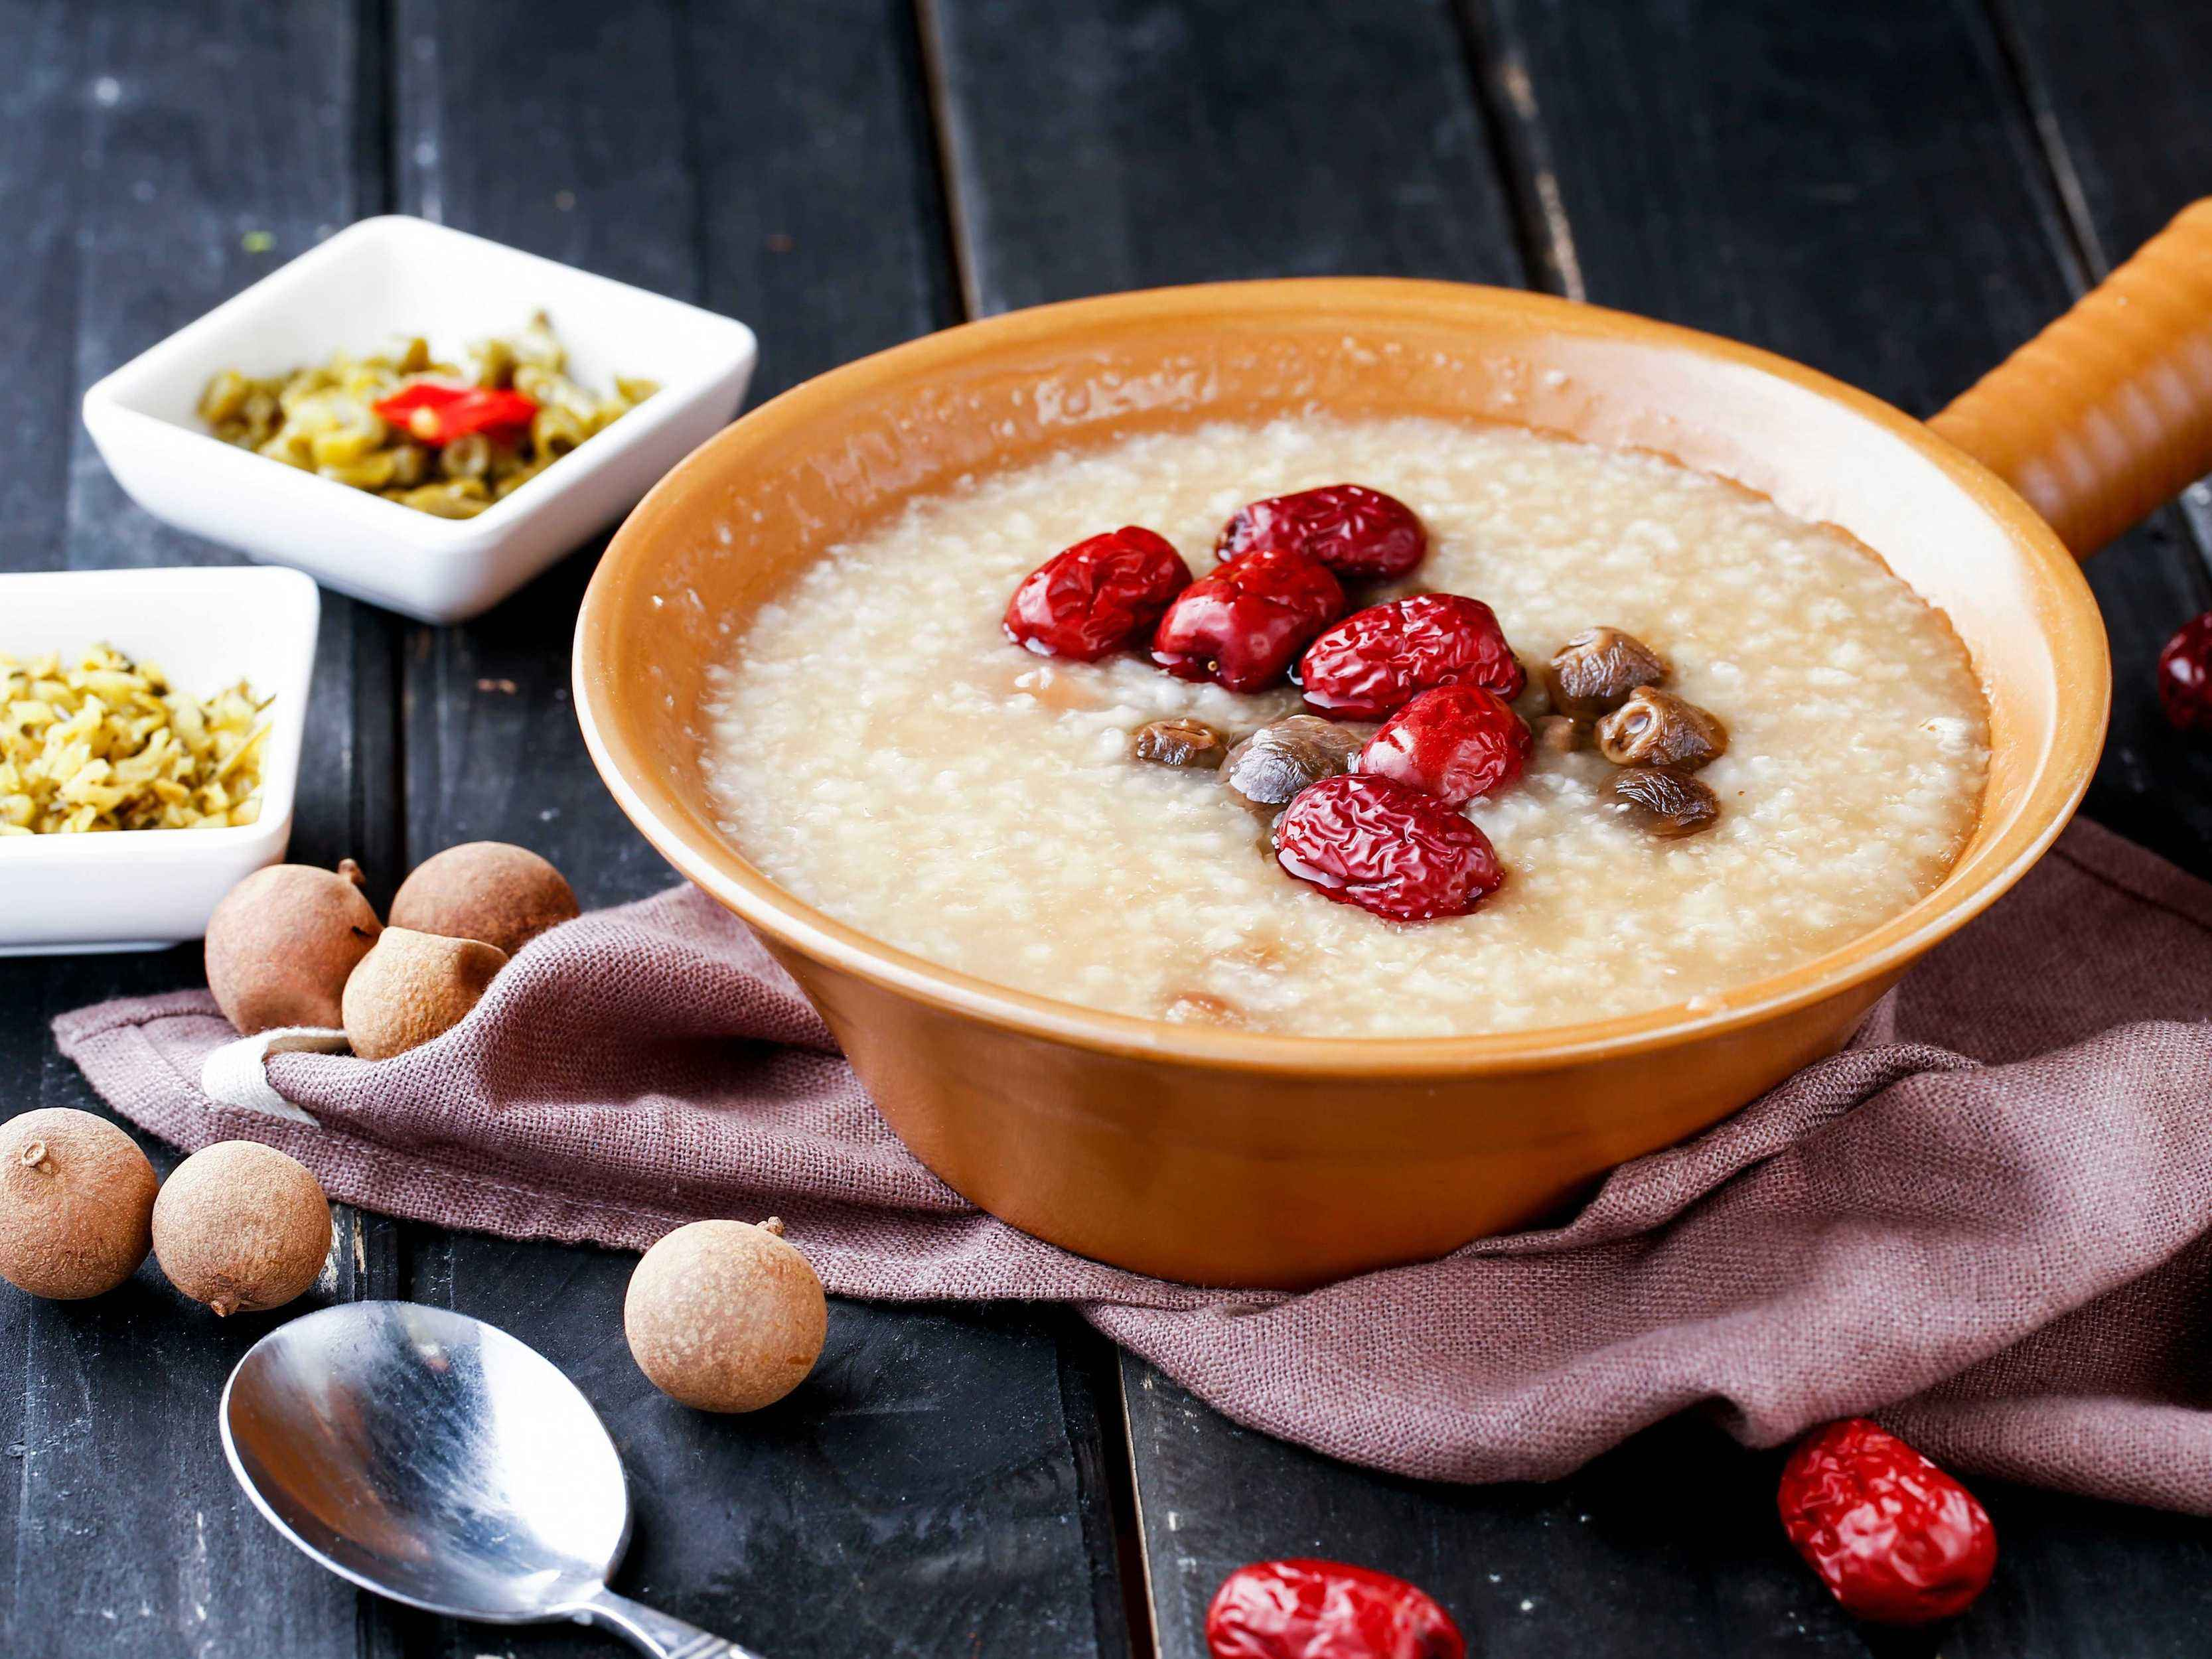 早餐喝粥对身体好吗?怎样搭配更健康呢?这3个常识不妨了解一下